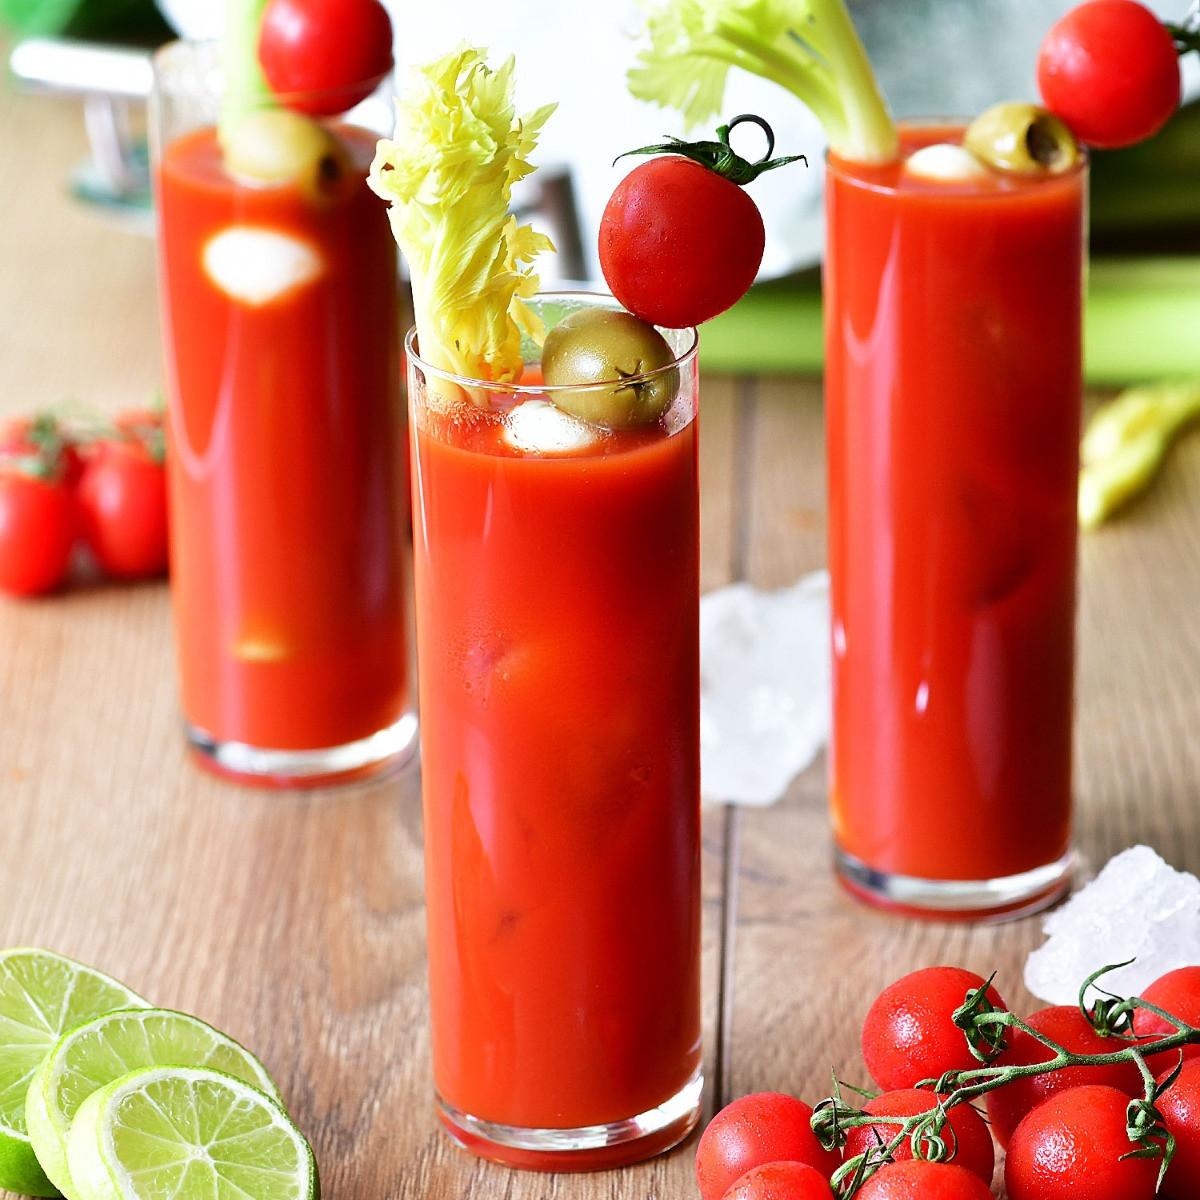 Oczyszczający, wytrawny koktajl pomidorowy